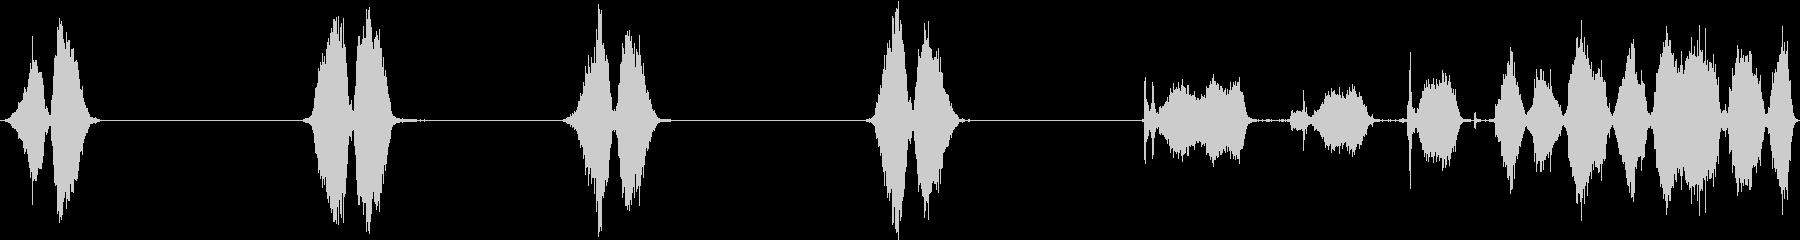 スクラブフロア、スクラブブラシ、2...の未再生の波形